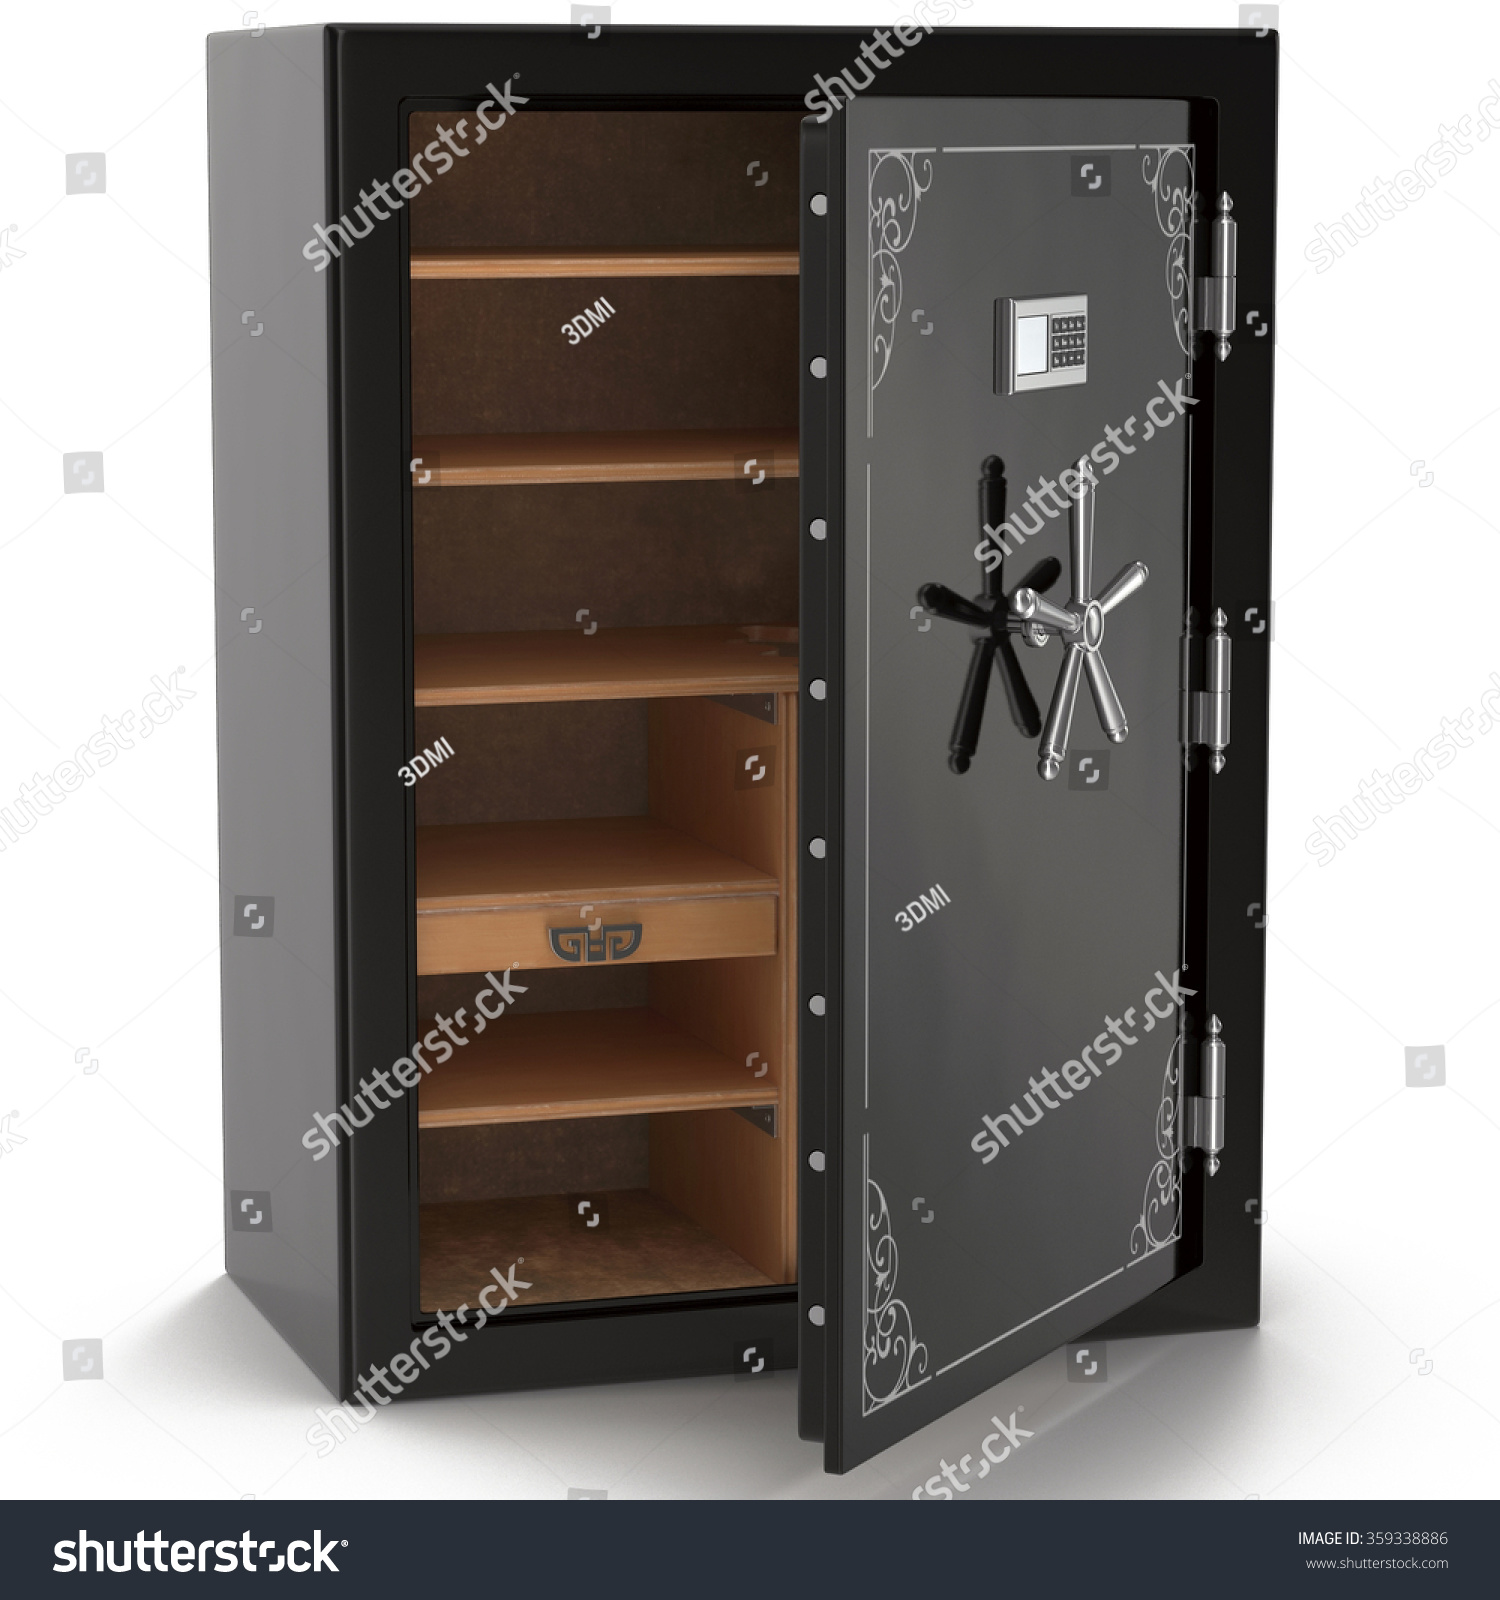 Stock On Gun Cabinet Gun Safe On White Background Stock Illustration 359338886